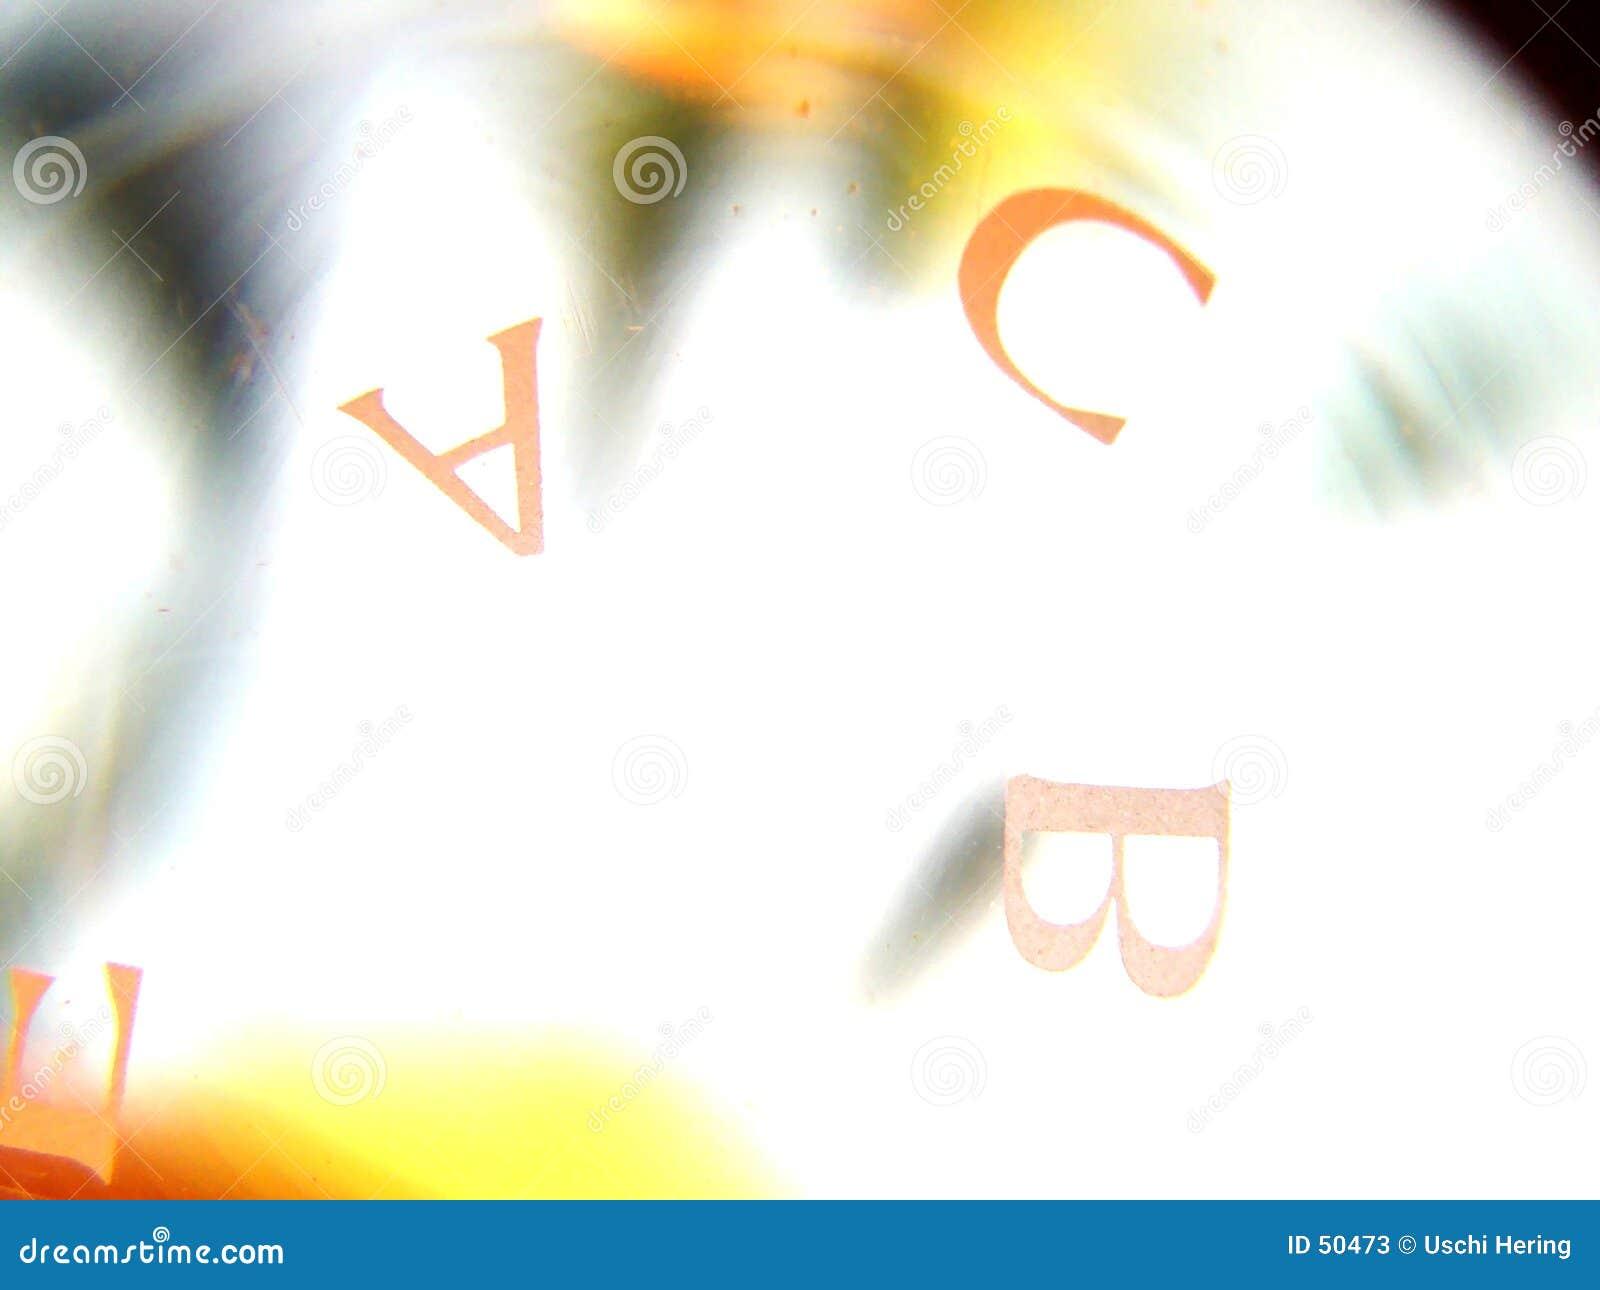 1 abc